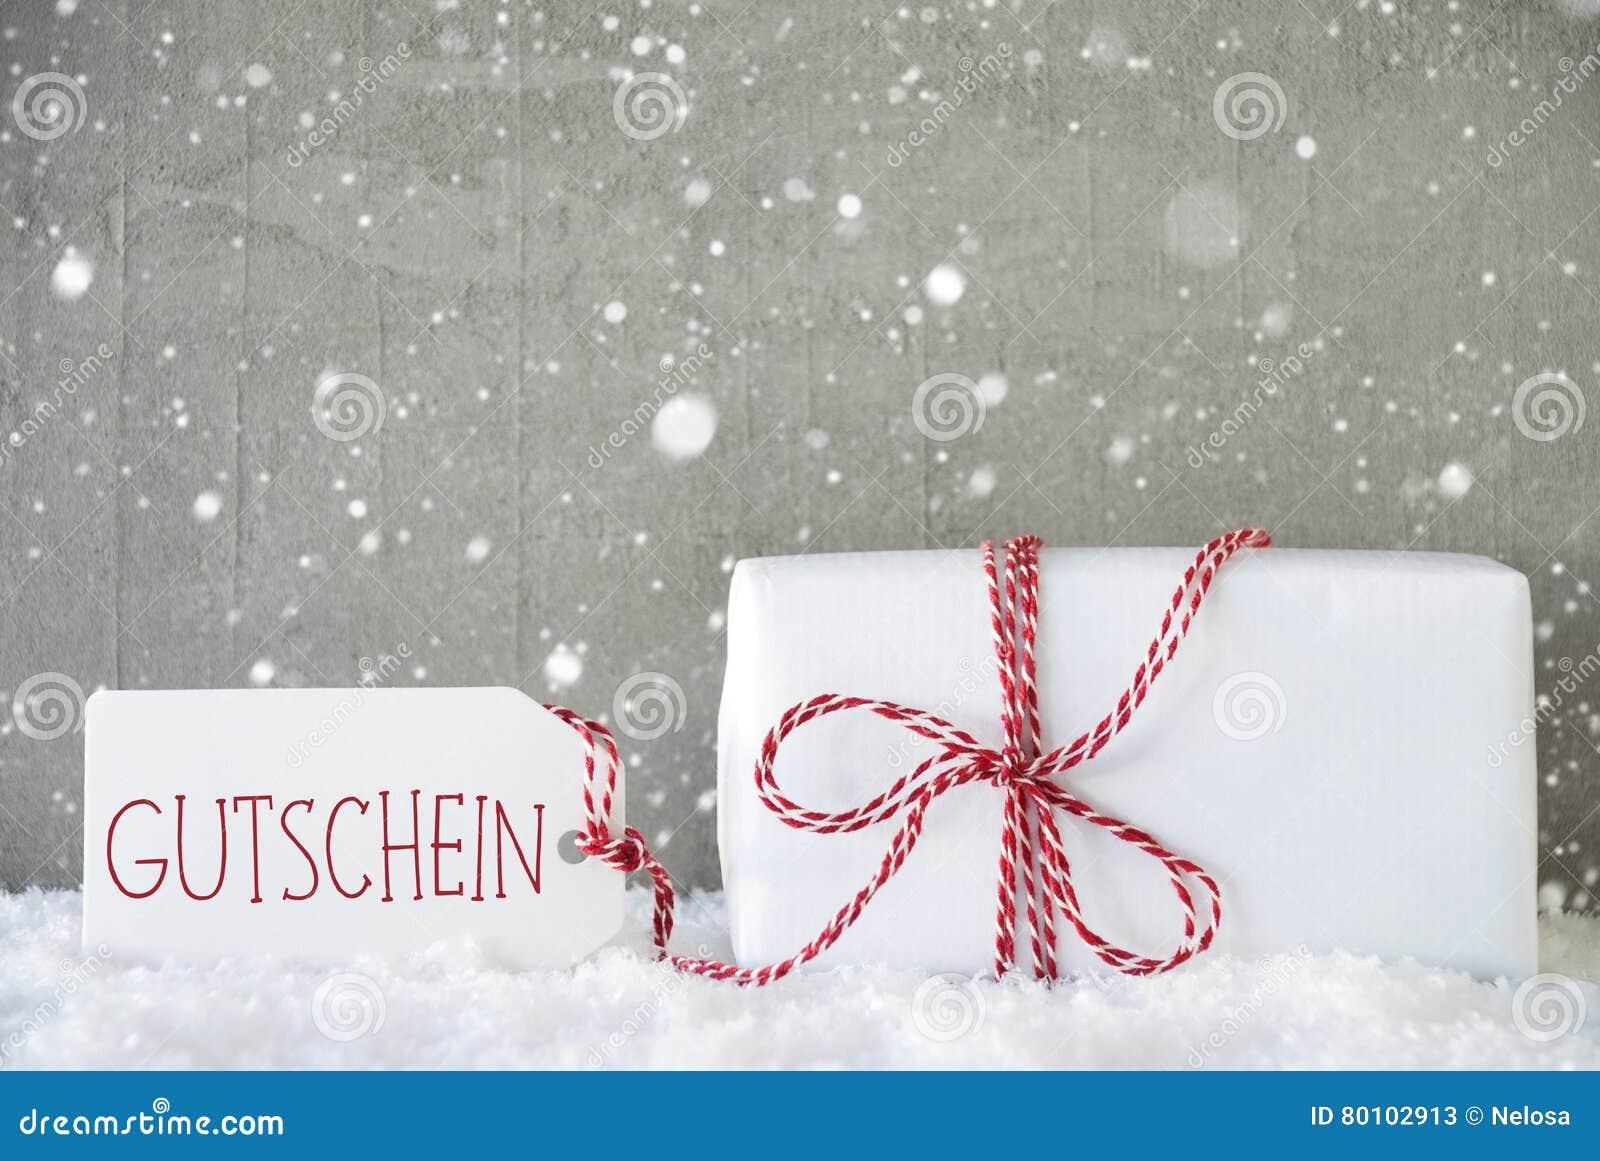 O presente, fundo com flocos de neve, Gutschein do cimento significa o comprovante